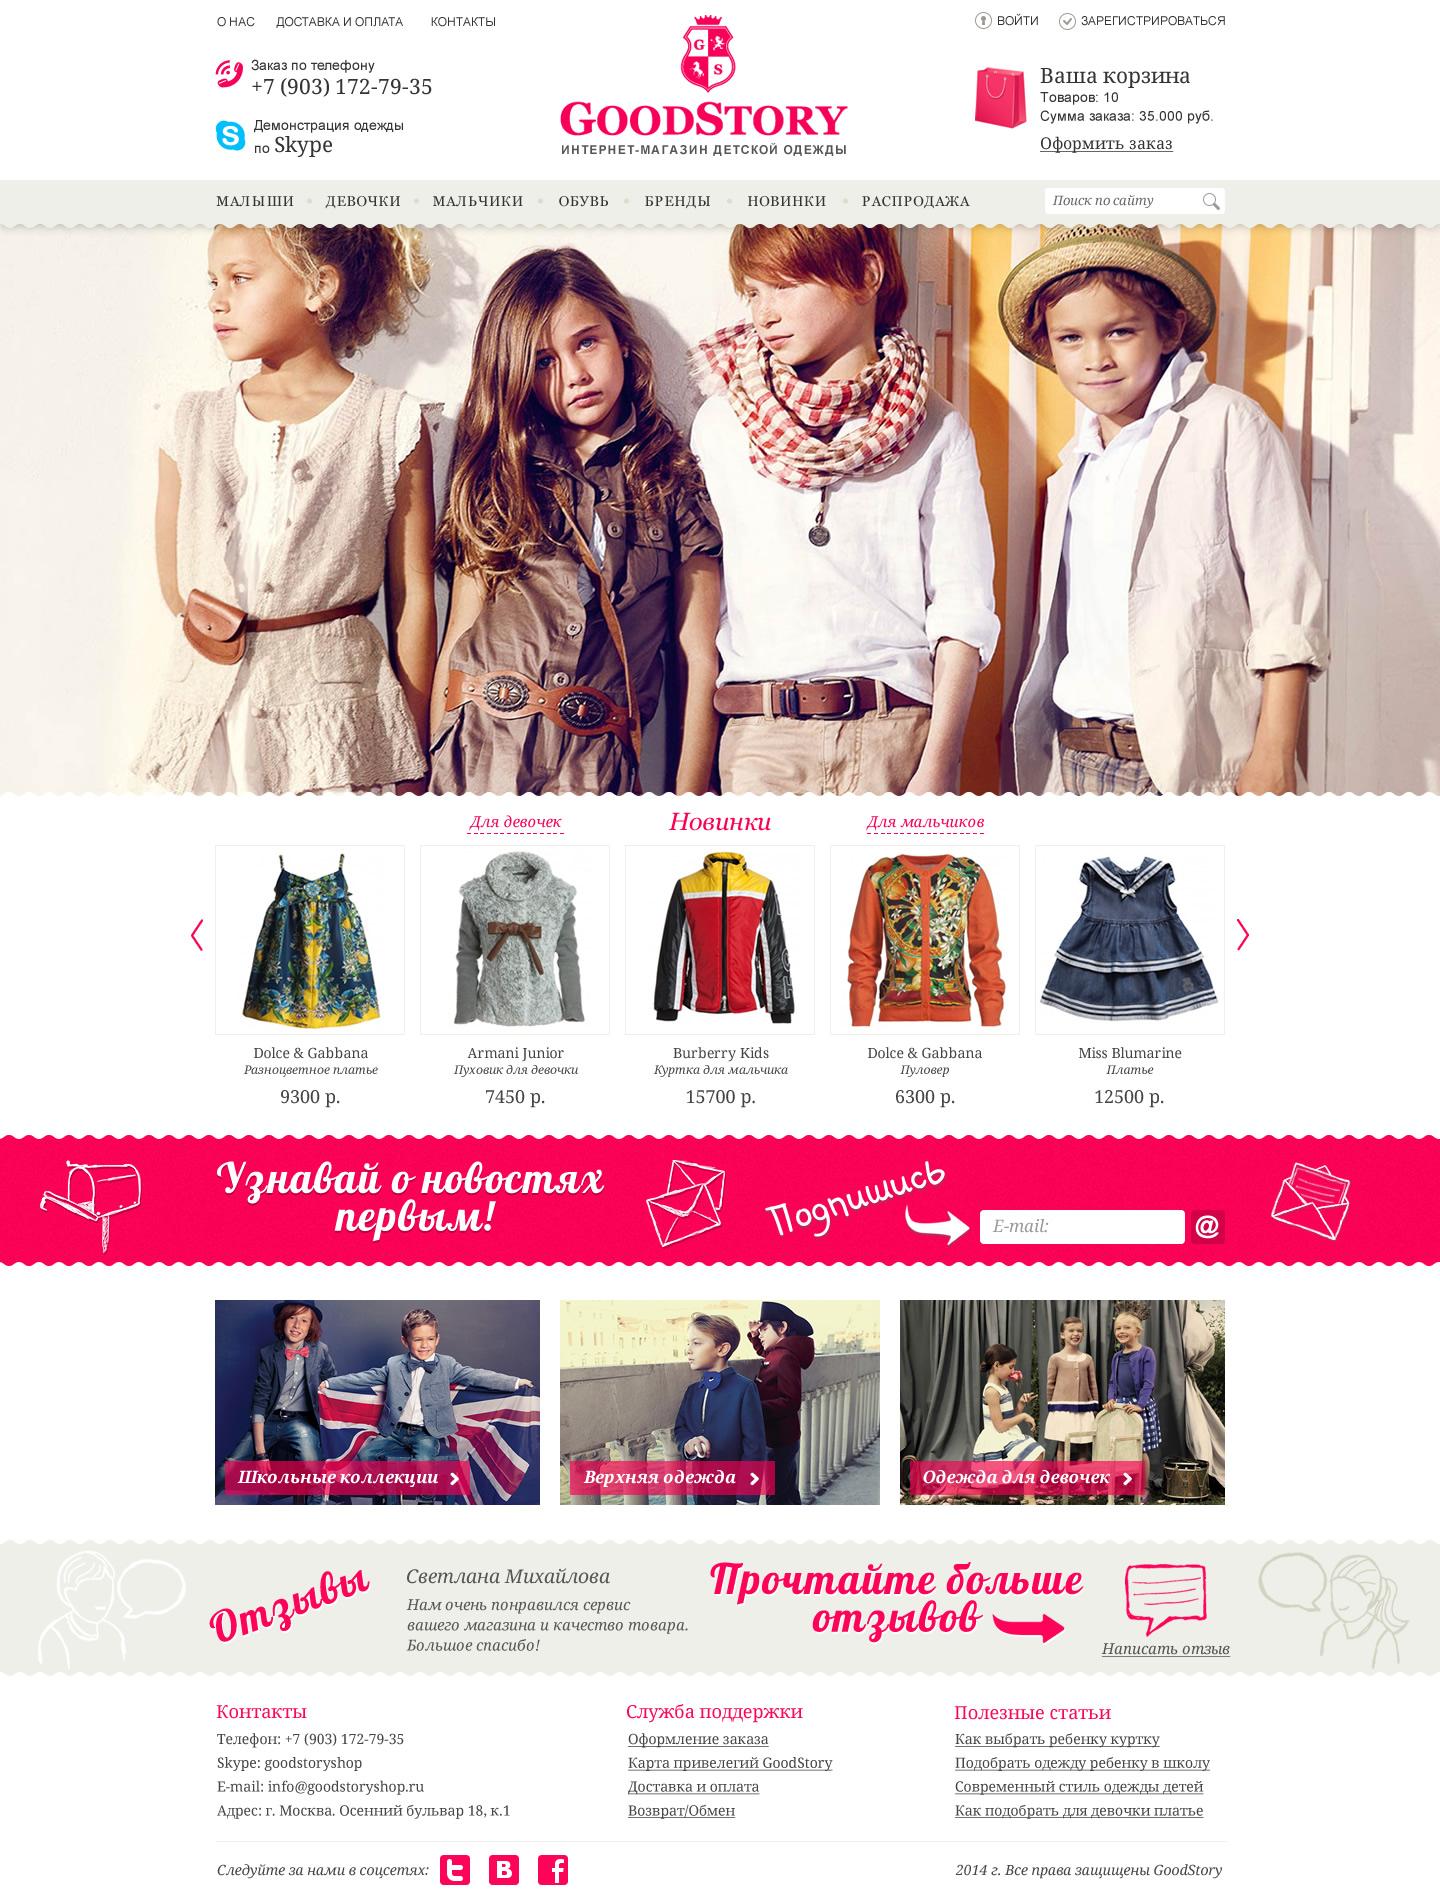 Интернет-магазин российской дизайнерской женской одежды